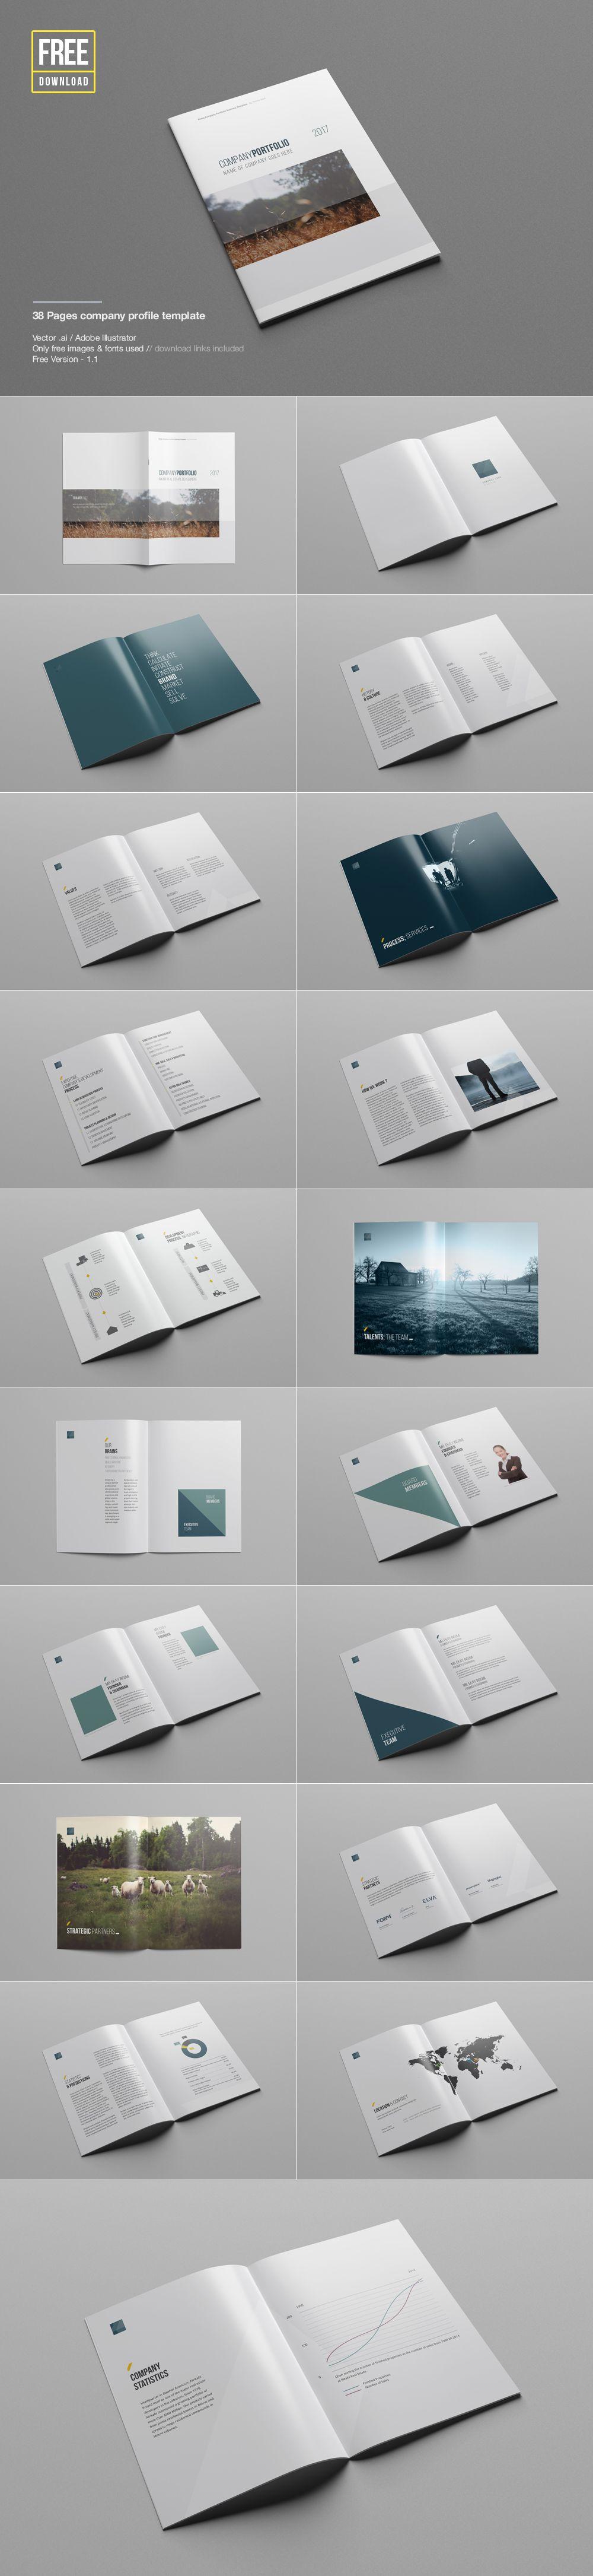 Free Download Company Profile Template Brochure Magazine – Small Company Profile Format